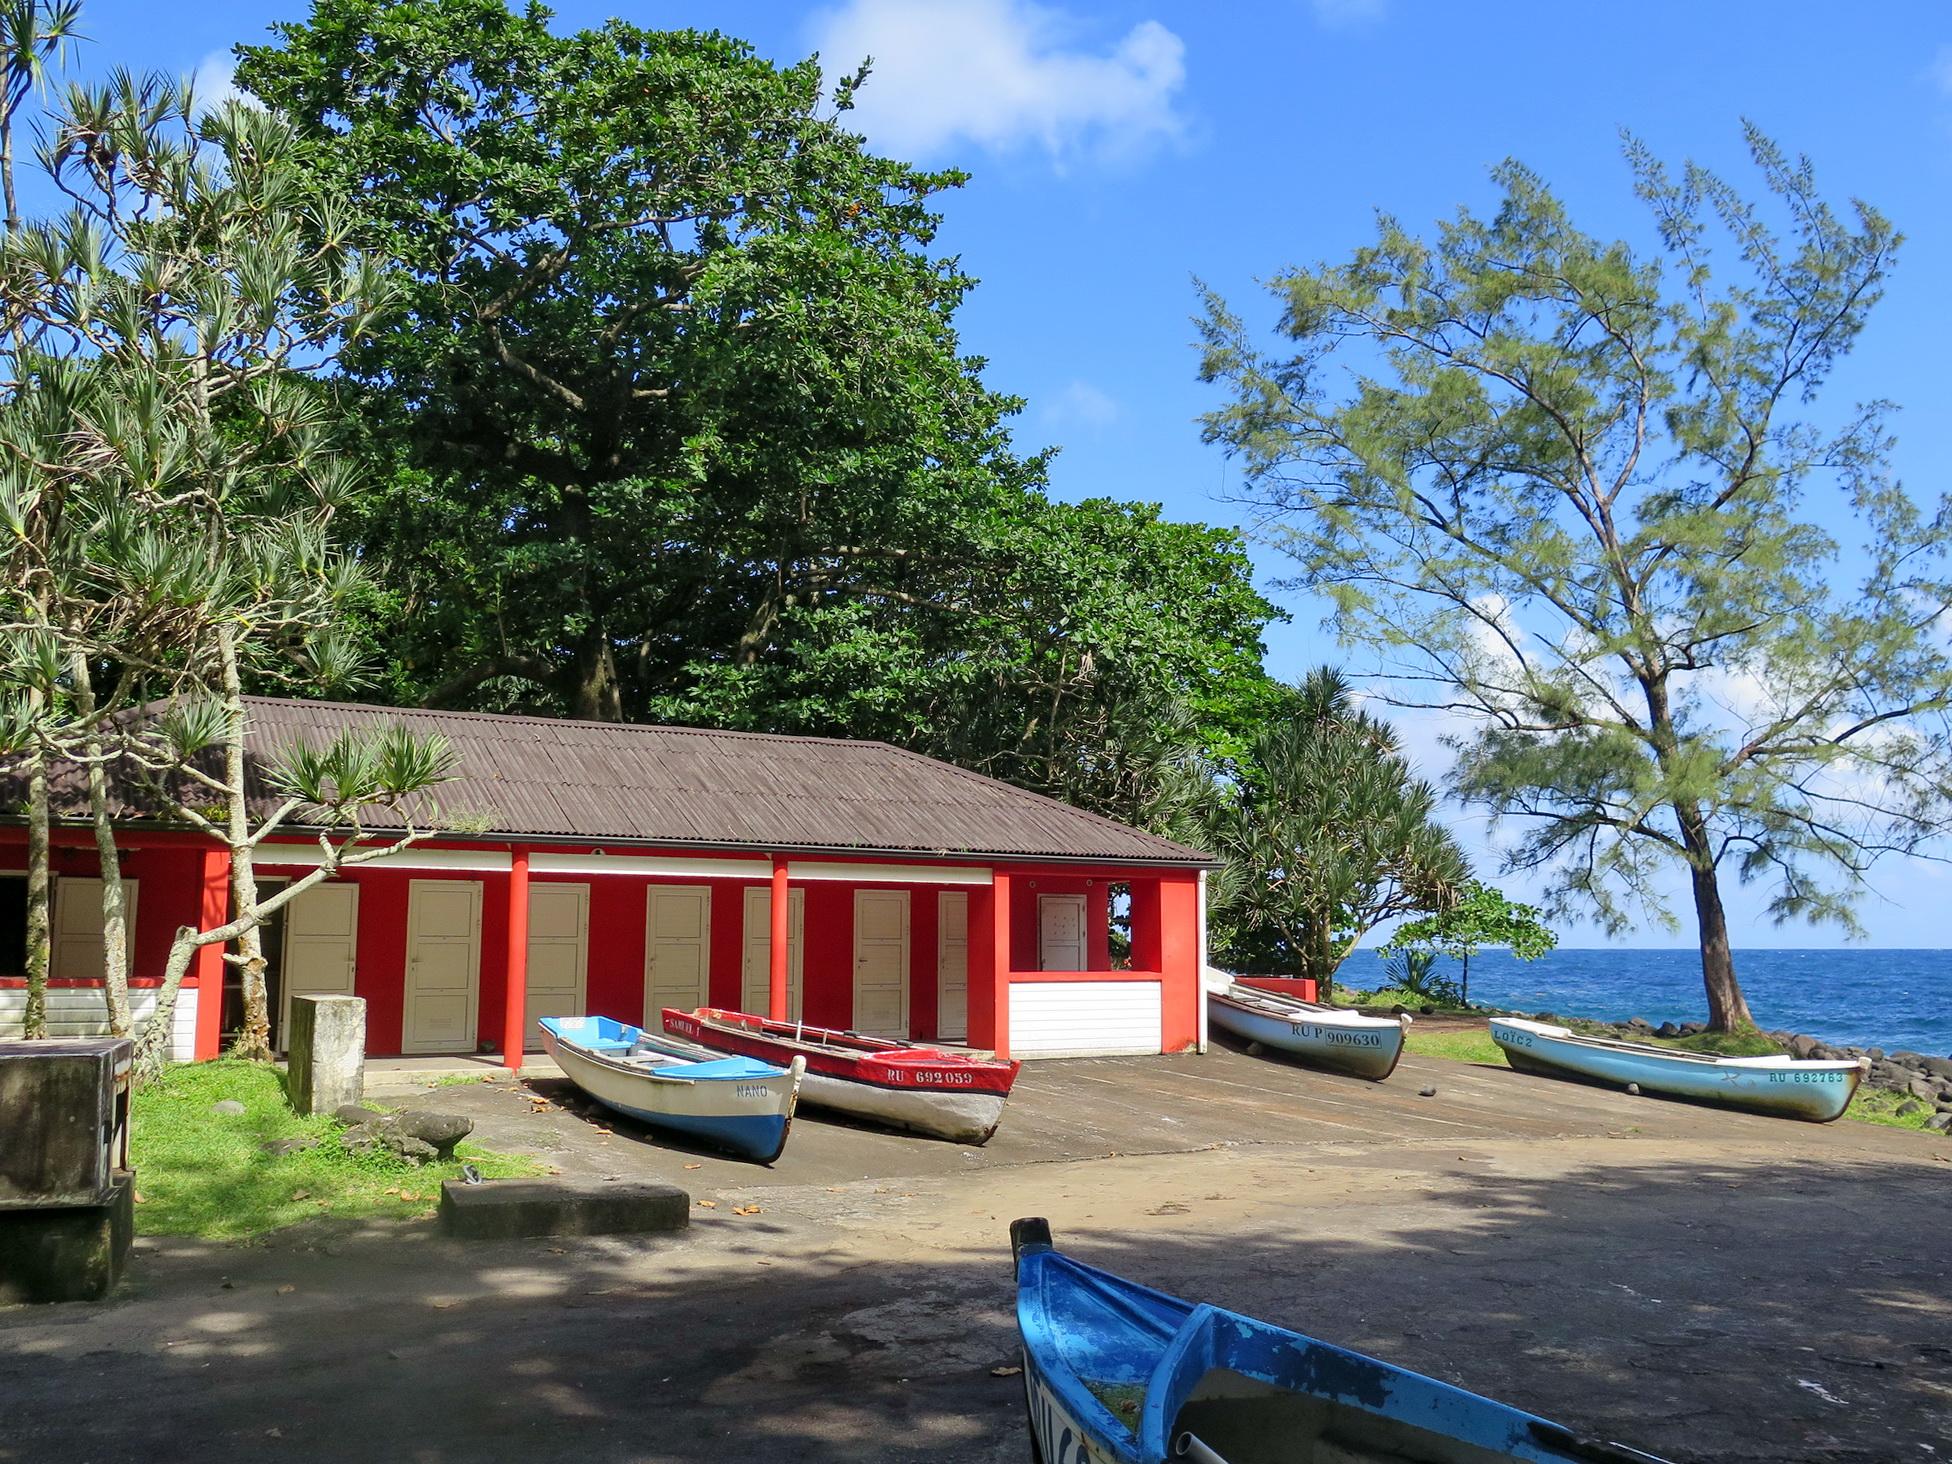 [Vie des ports] Les ports de la Réunion - Page 5 144670stjosephsterosedernierjour232